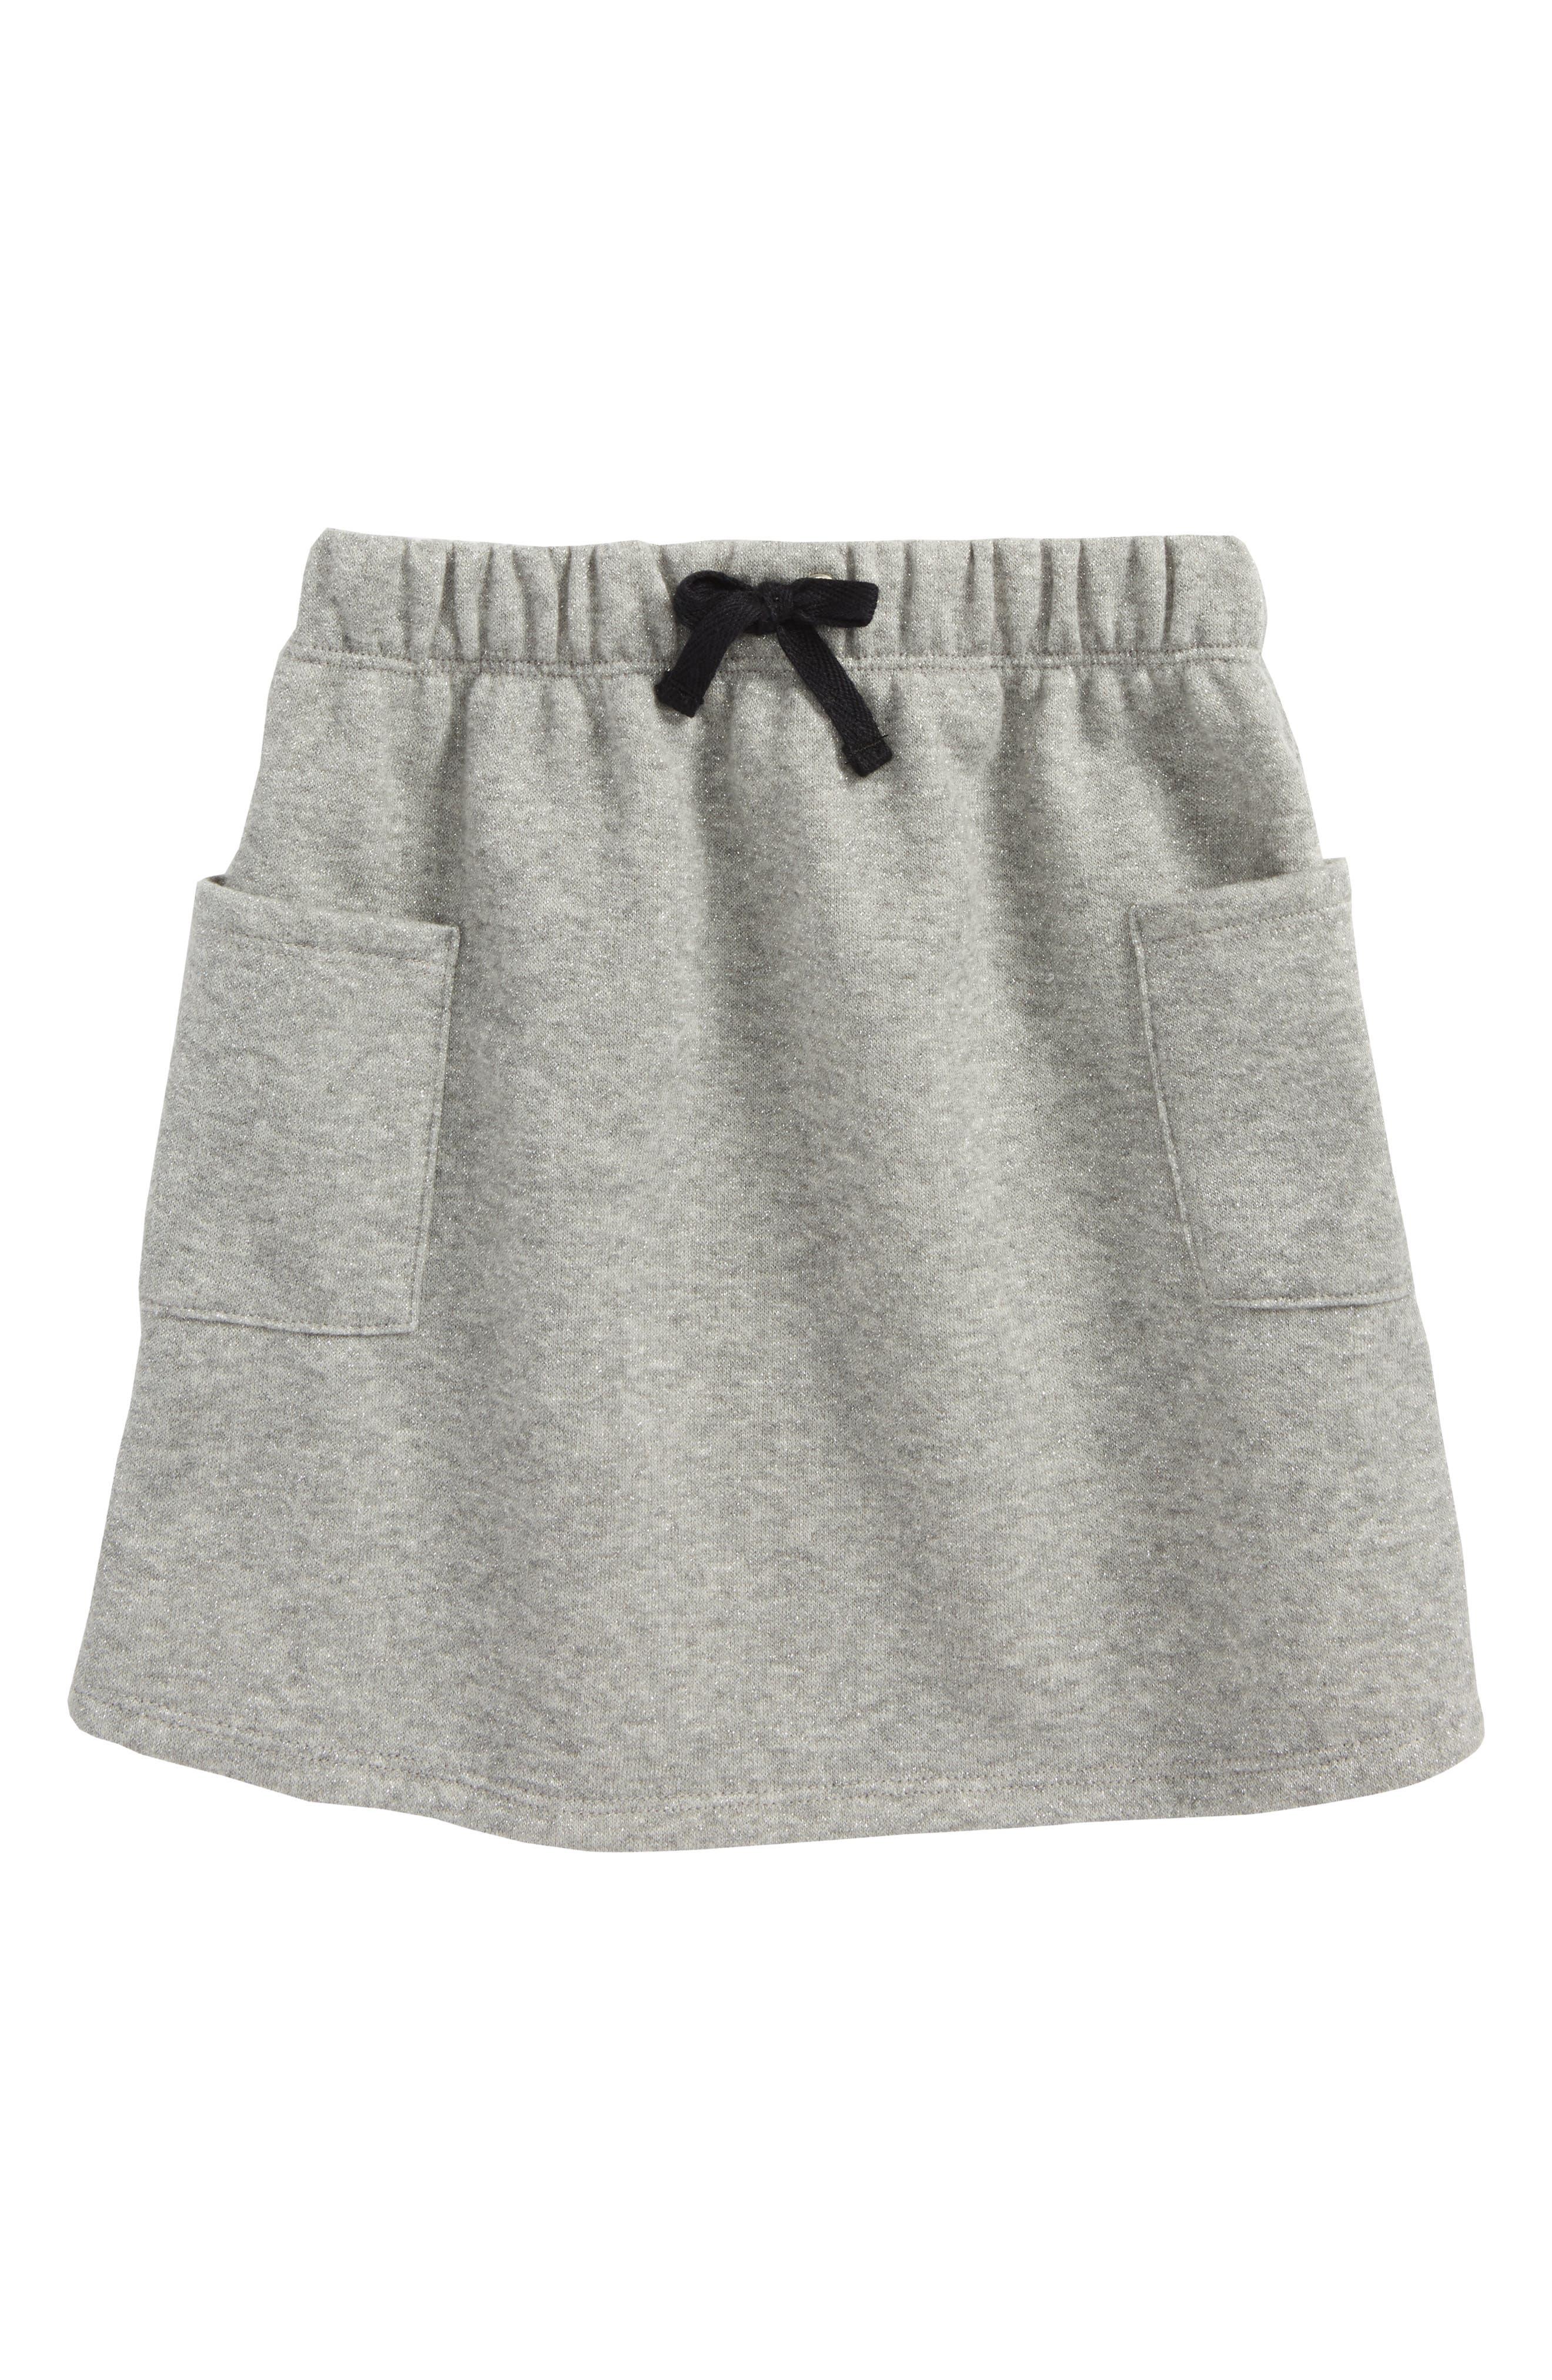 Alternate Image 1 Selected - Tucker + Tate Sparkle Terry Skirt (Toddler Girls, Little Girls & Big Girls)